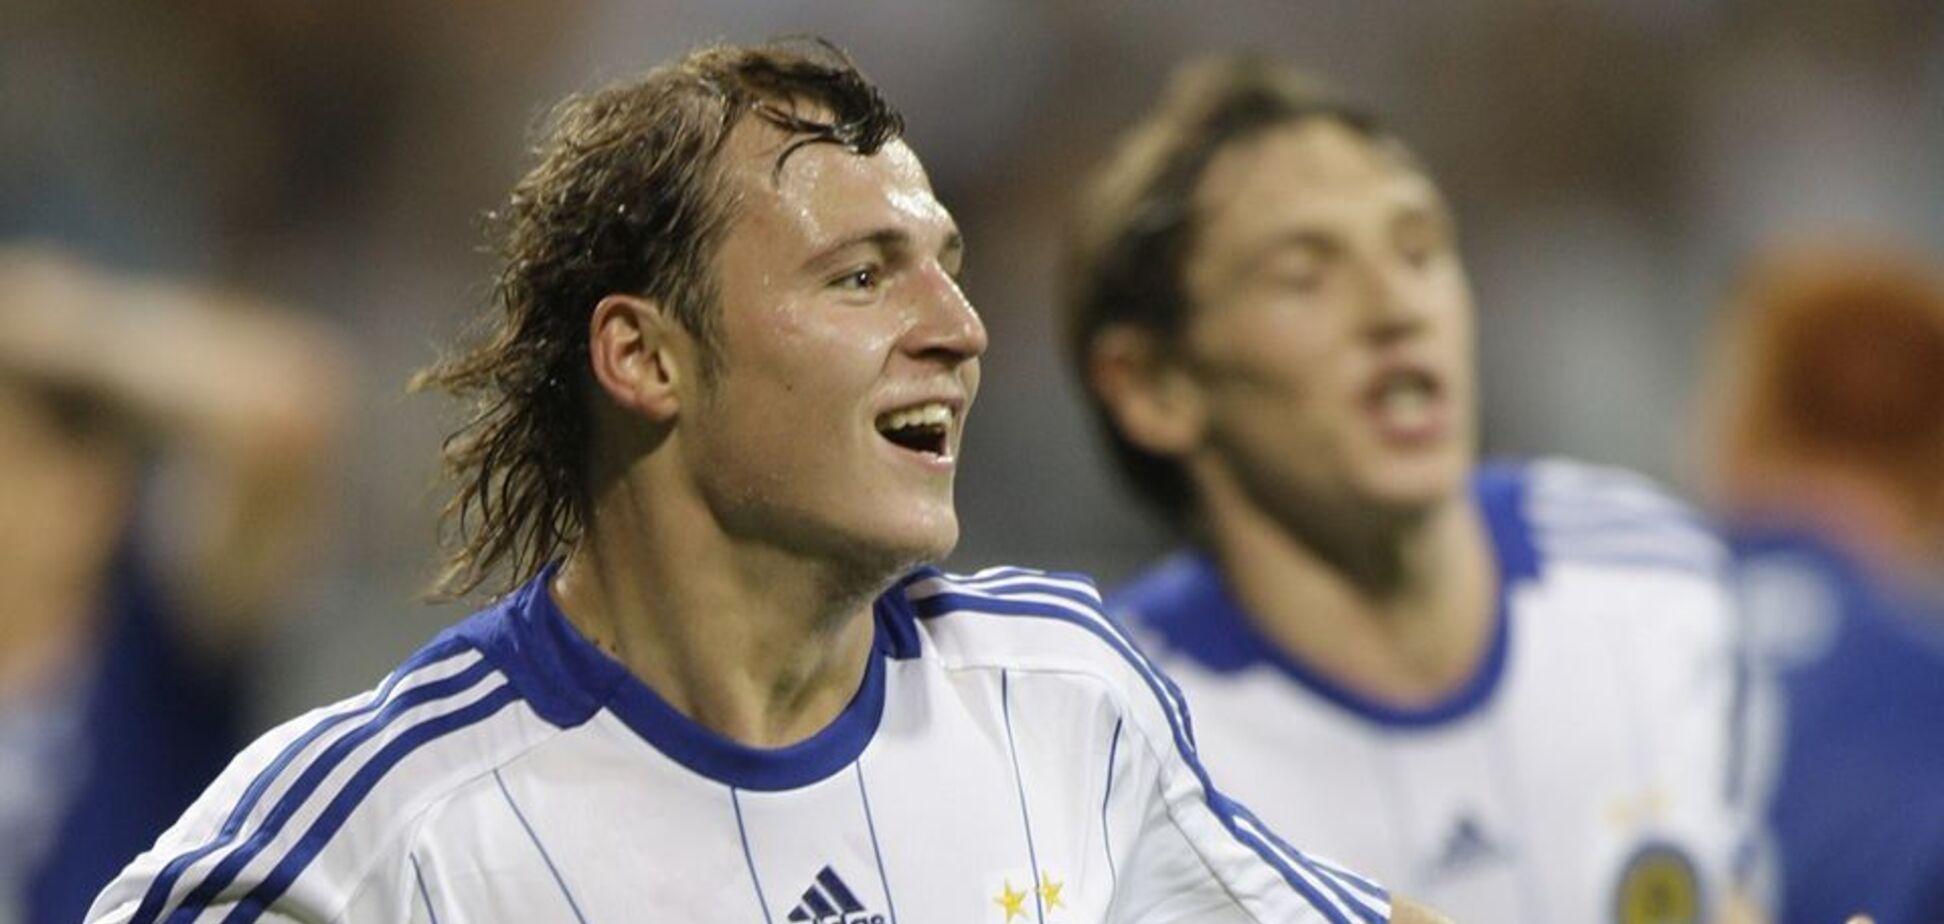 'Ніколи не зламає': 'Динамо' відреагувало на скандал із Зозулею